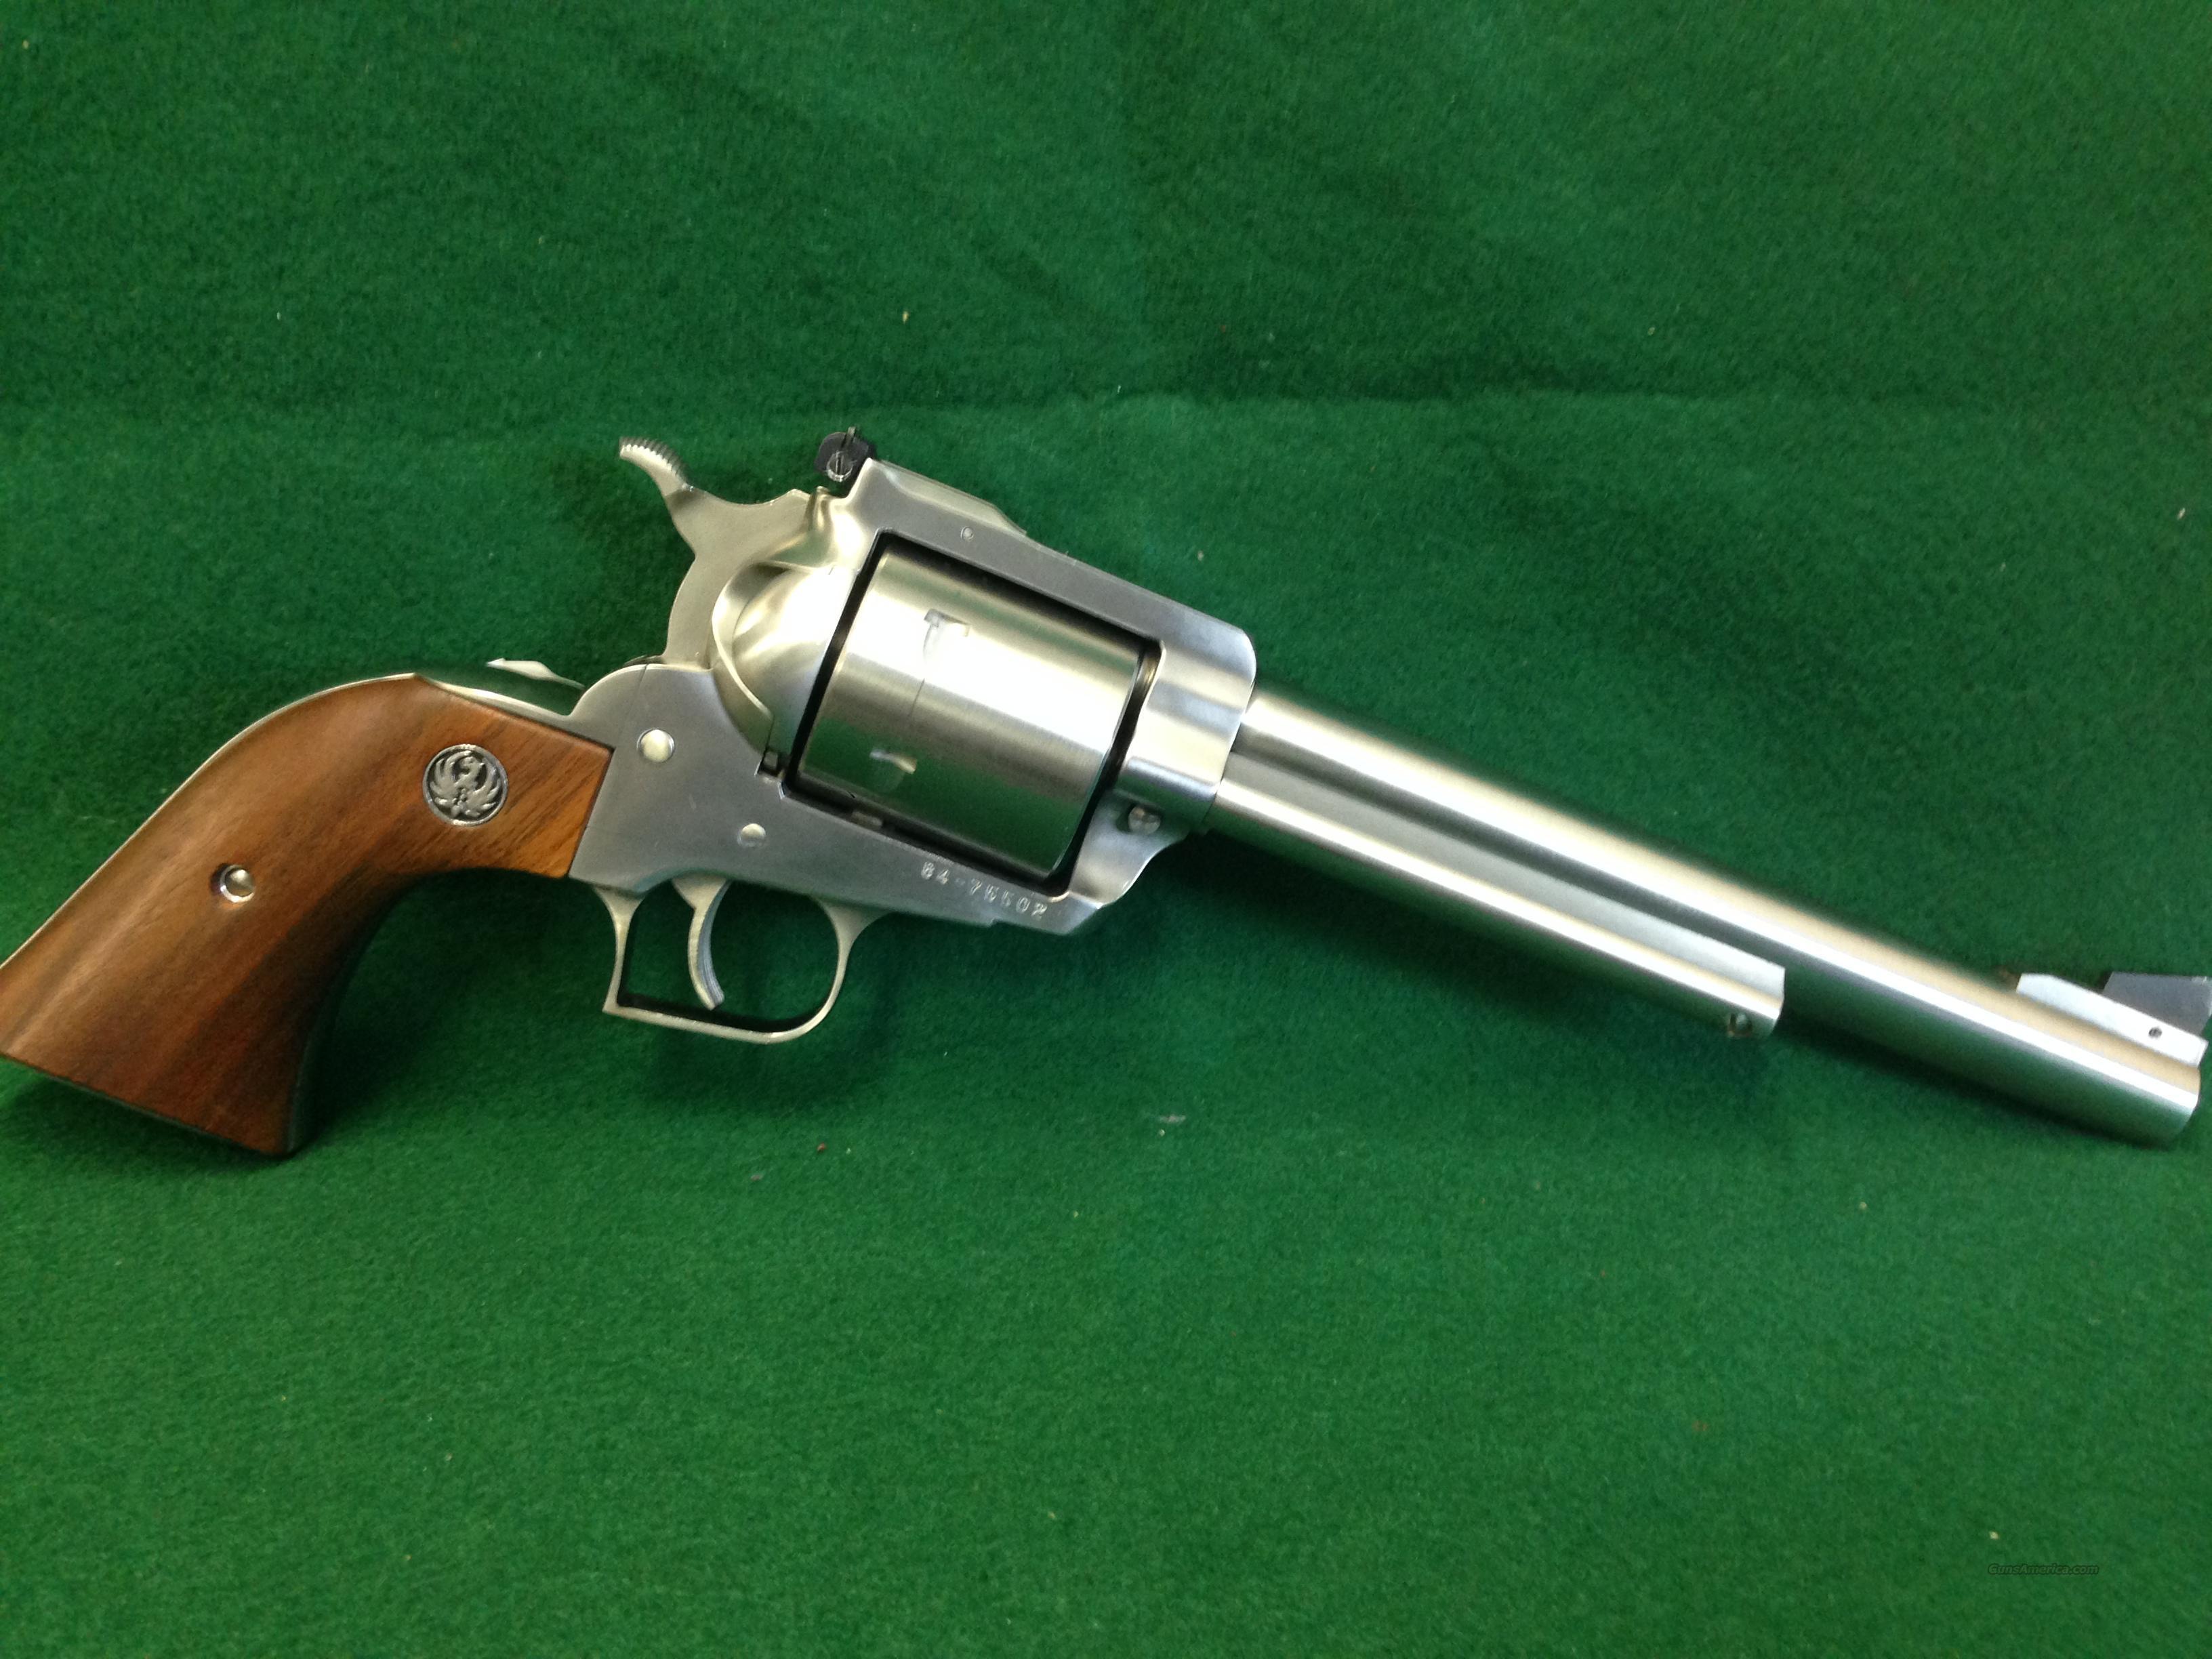 Ruger Super Blackhawk  Guns > Pistols > Ruger Single Action Revolvers > Blackhawk Type